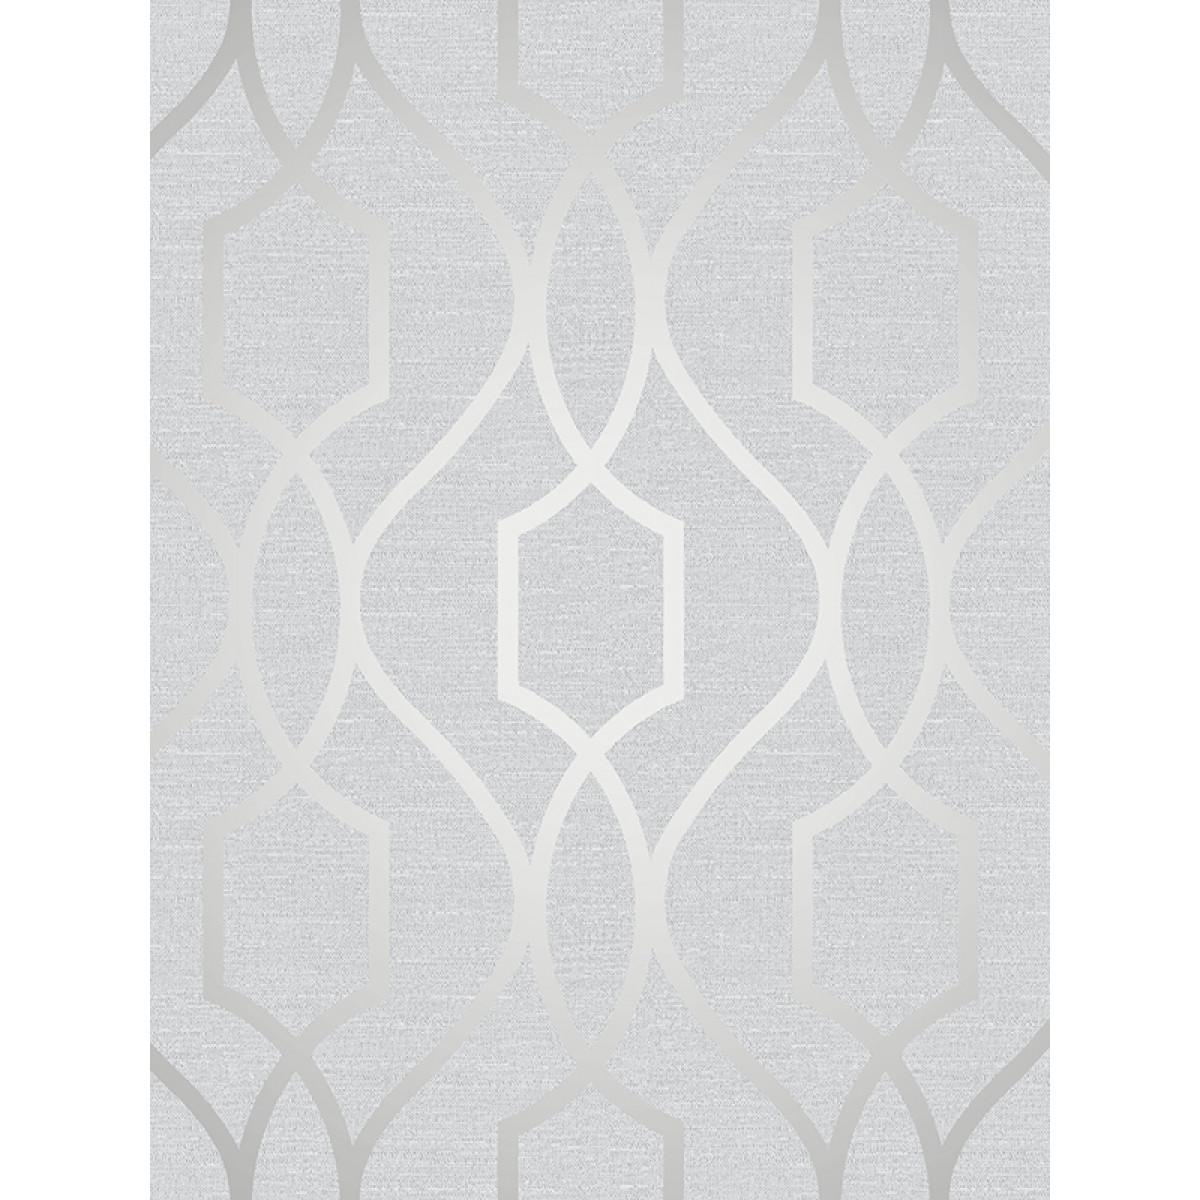 Apex Geometric Trellis Wallpaper Stone And Silver Fine